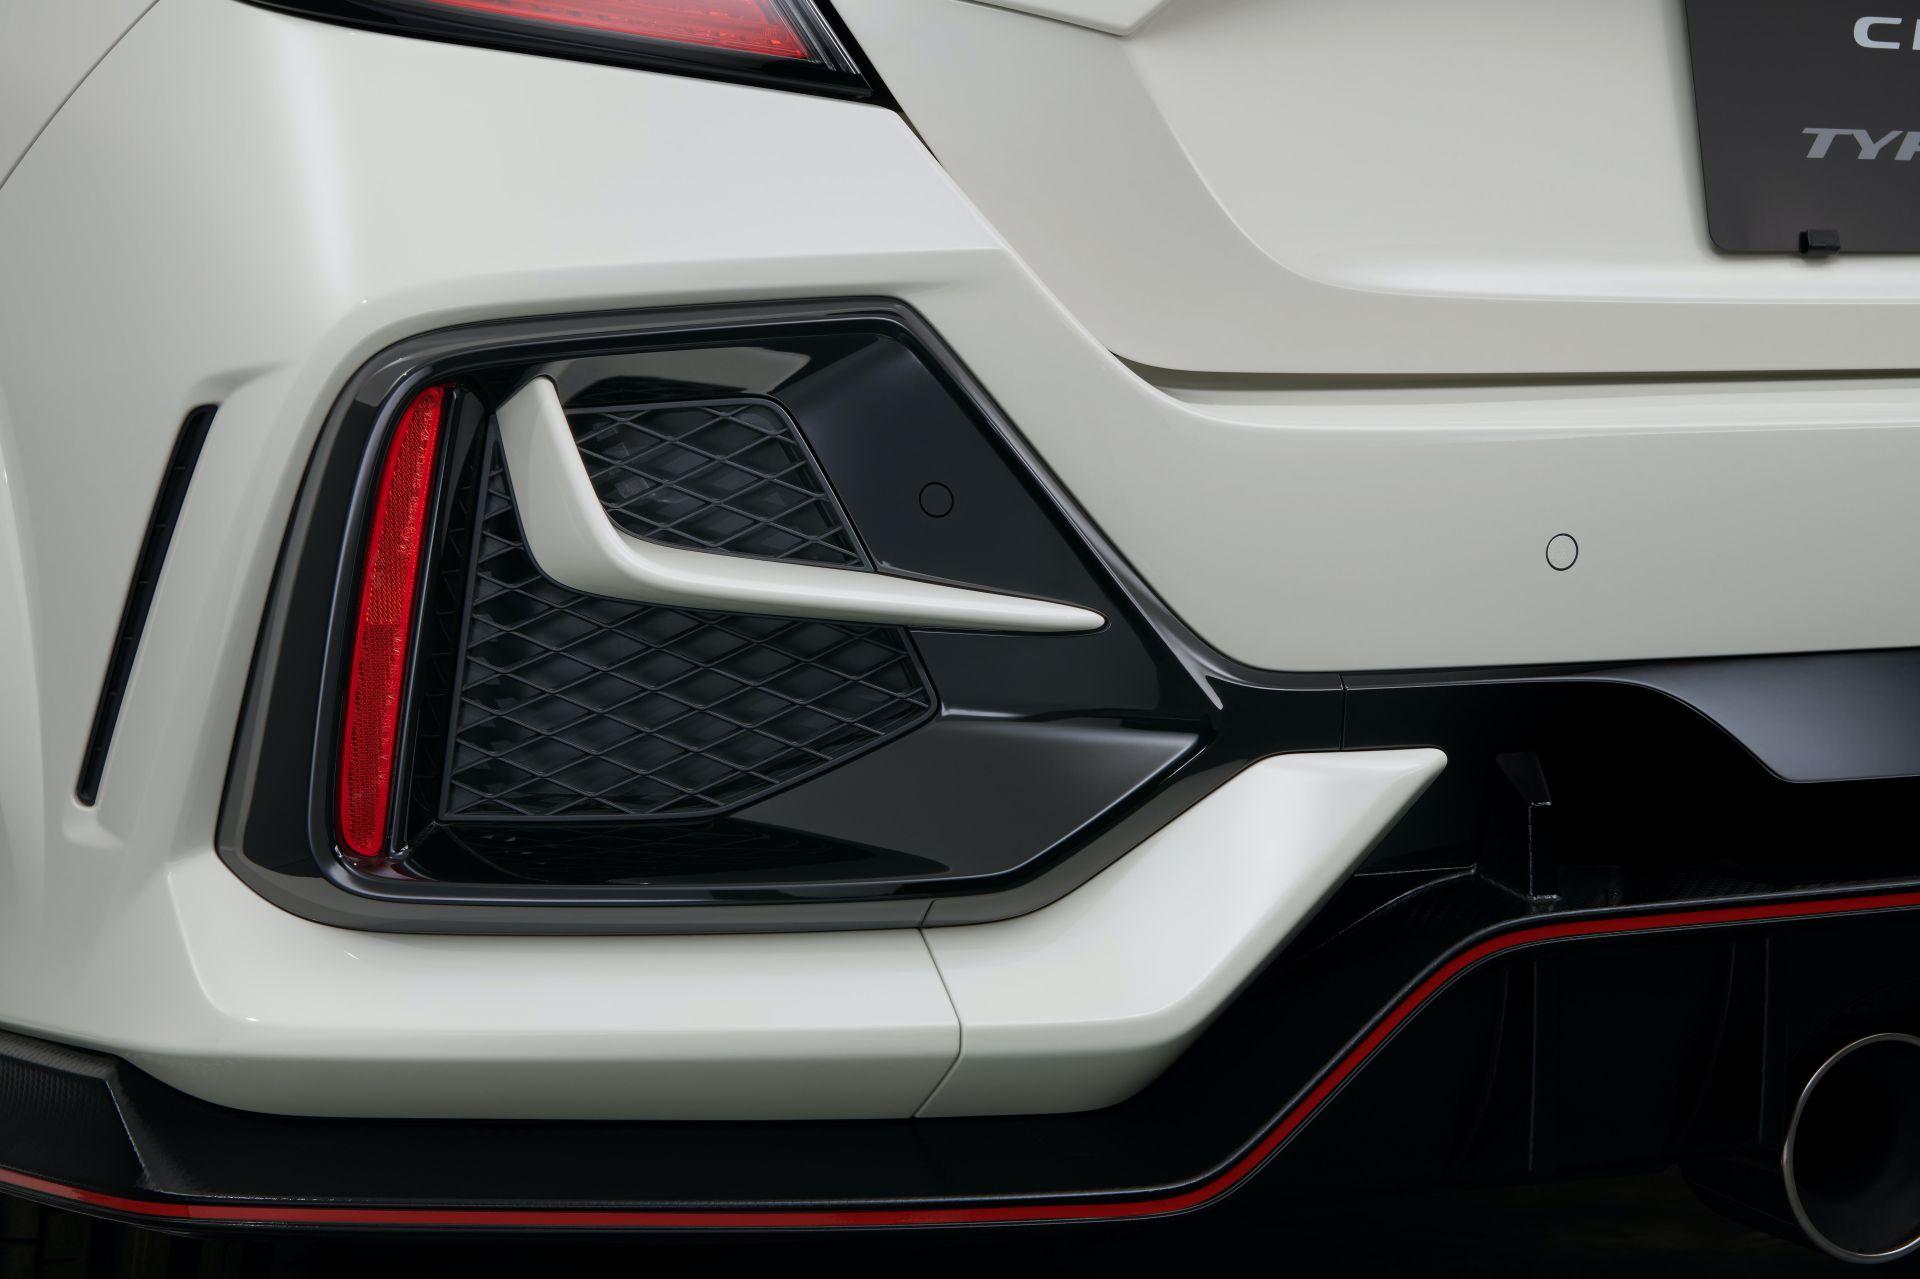 2021_Honda_Civic_Type_R_Modulo_0021